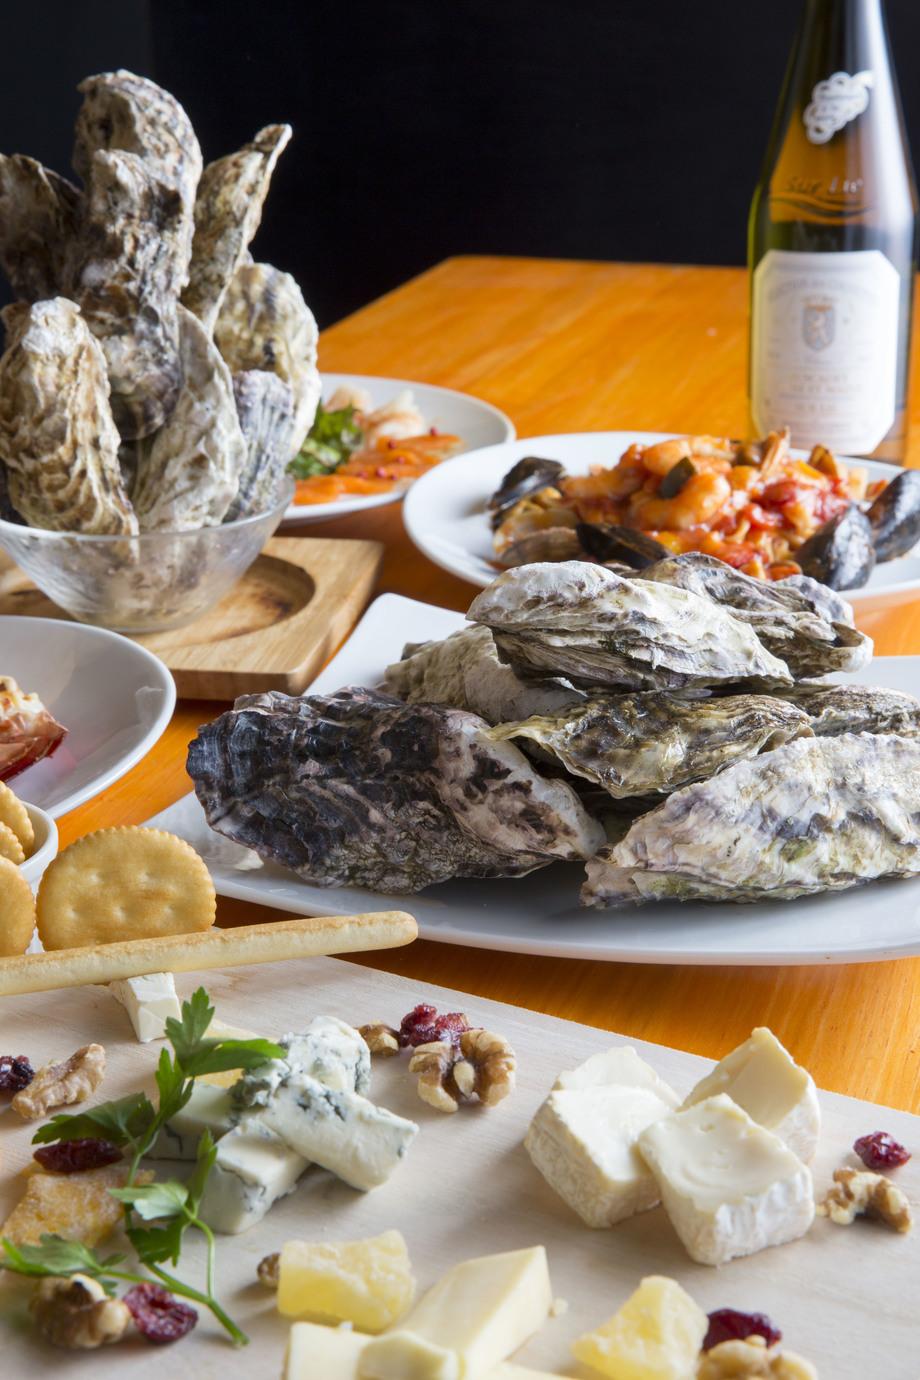 【2H飲み放題付き】名物牡蠣&ステーキも♪ファクトリーコース<全9品>